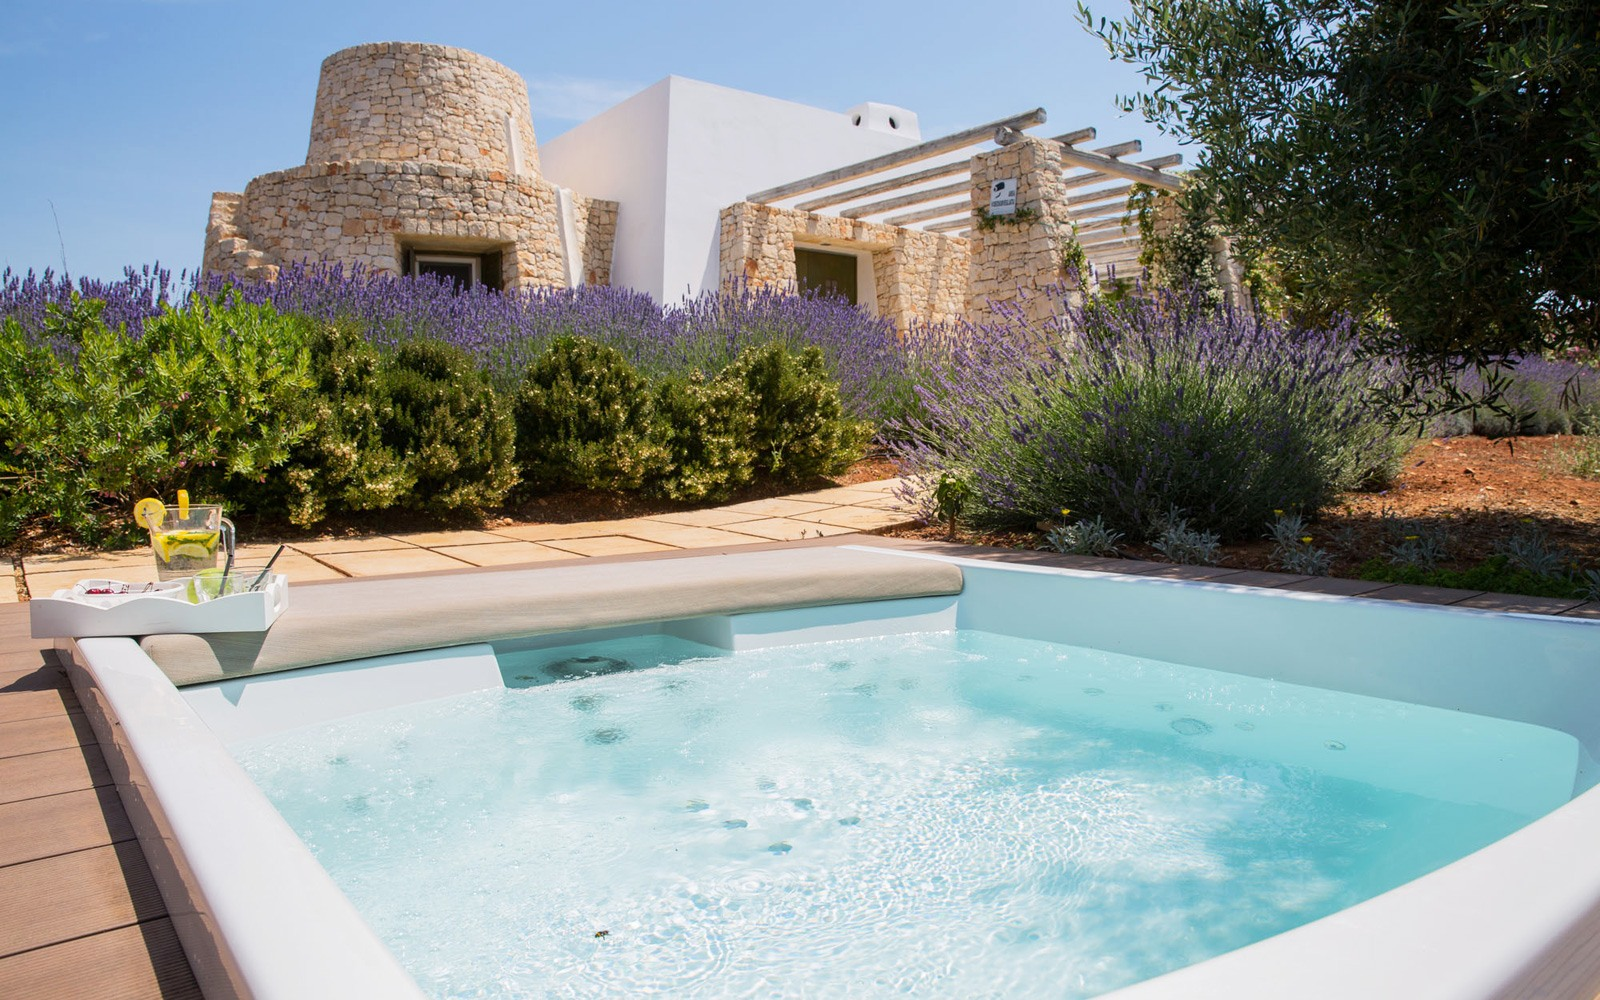 Villa for couples in Puglia